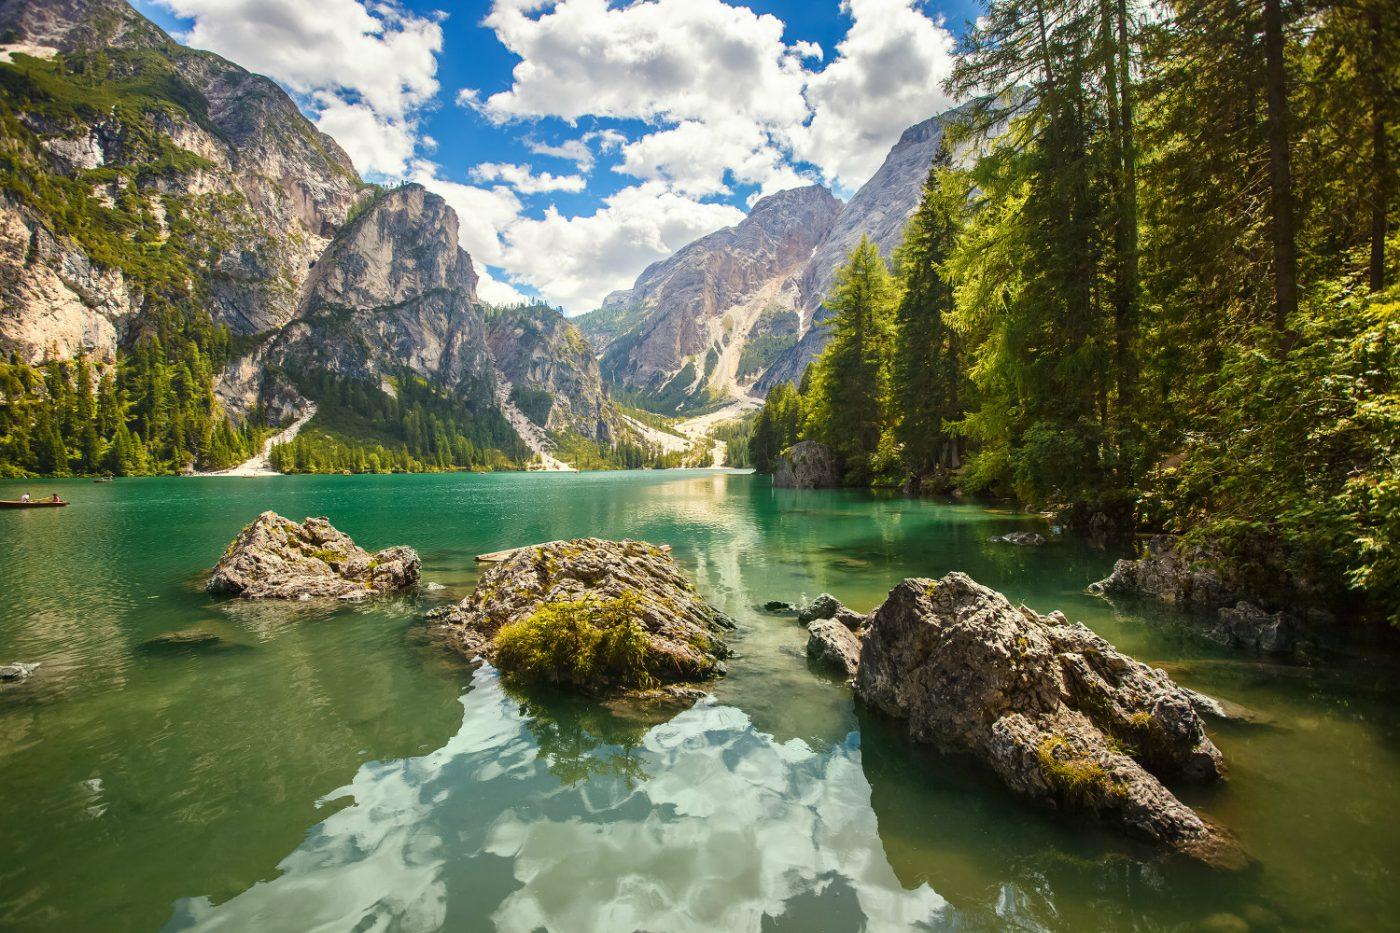 Ein See und Berge in Tirol in Österreich